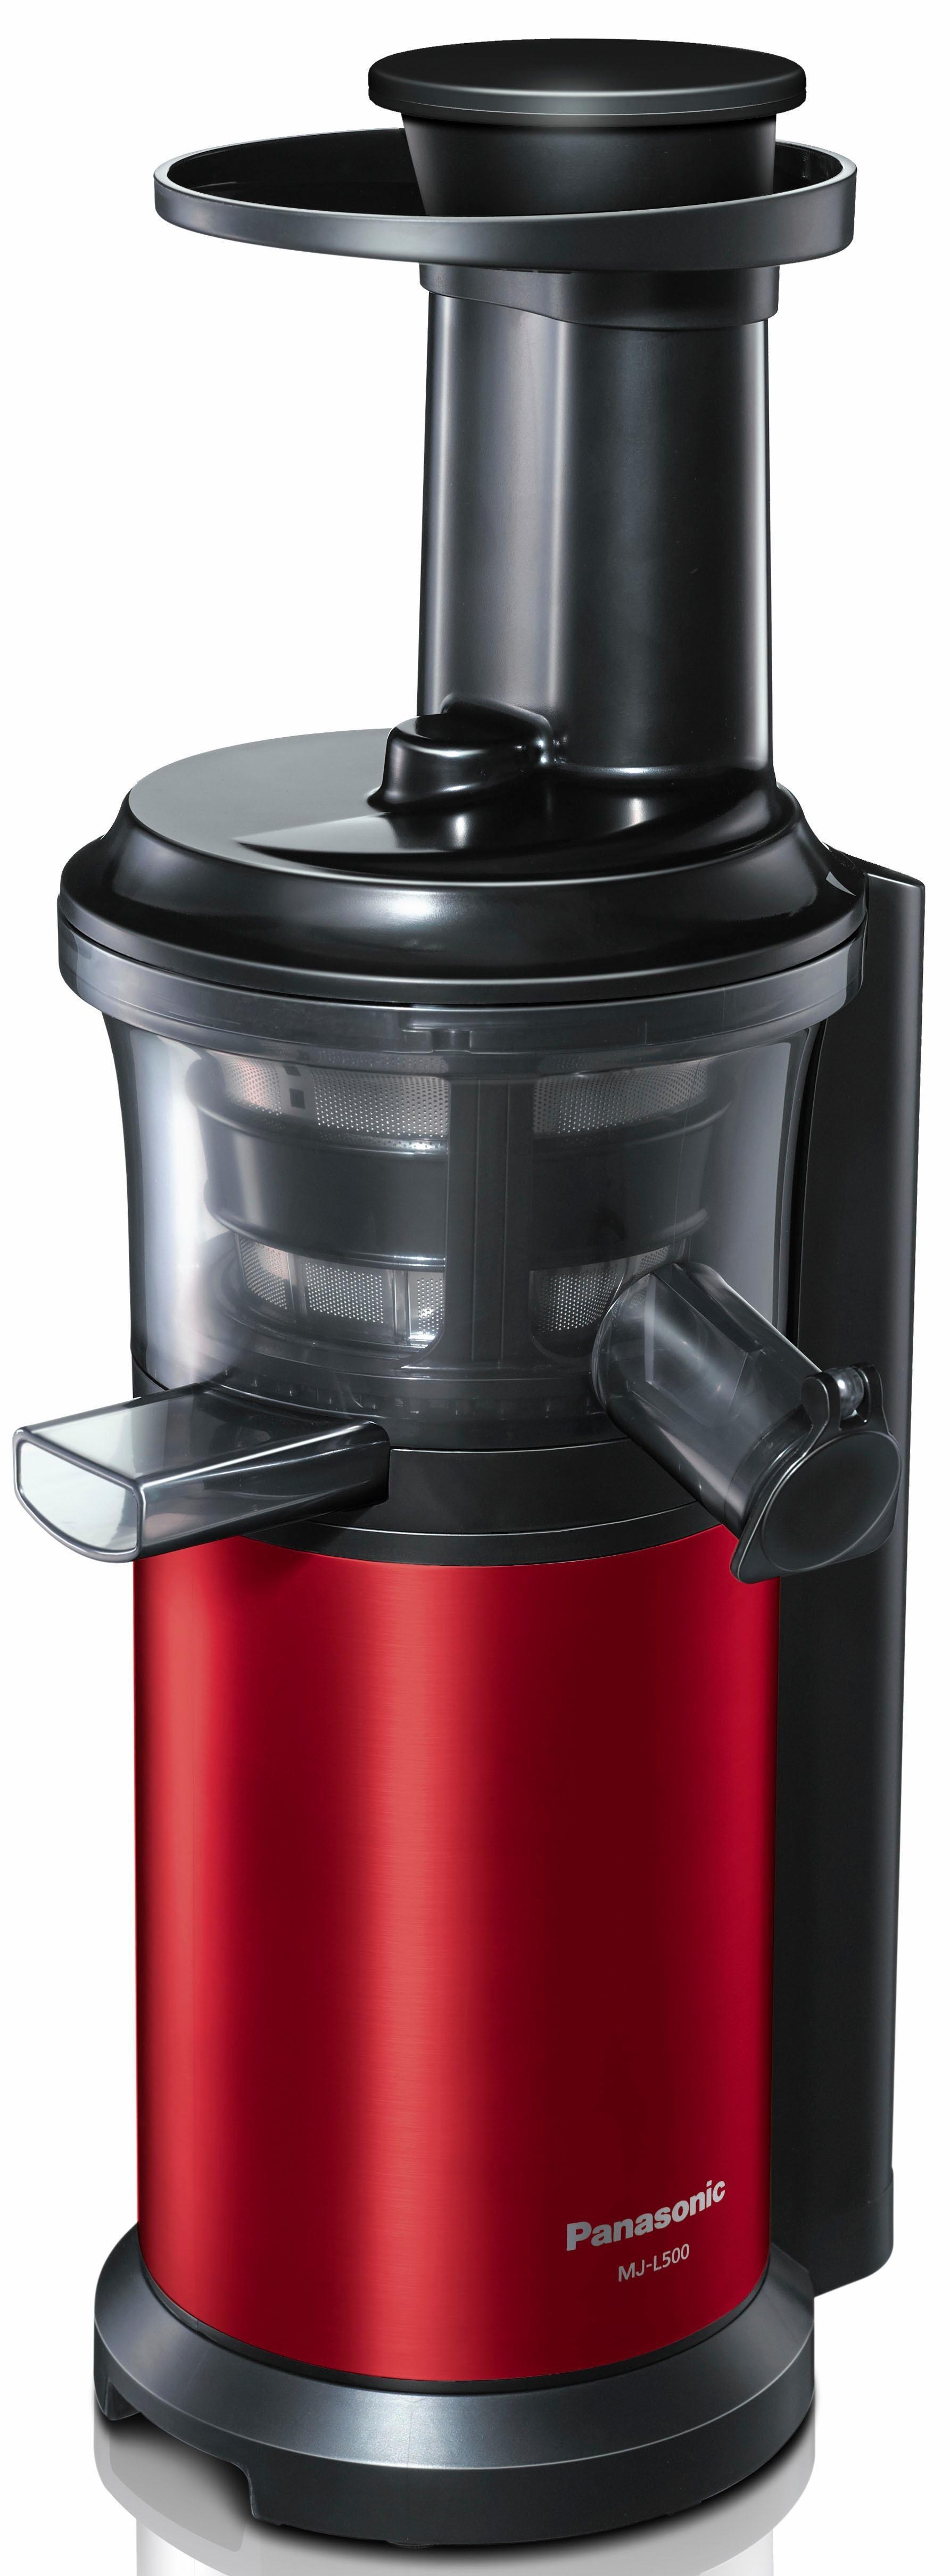 Slow Juicer MJ-L500RXE, Edelstahl/Rot